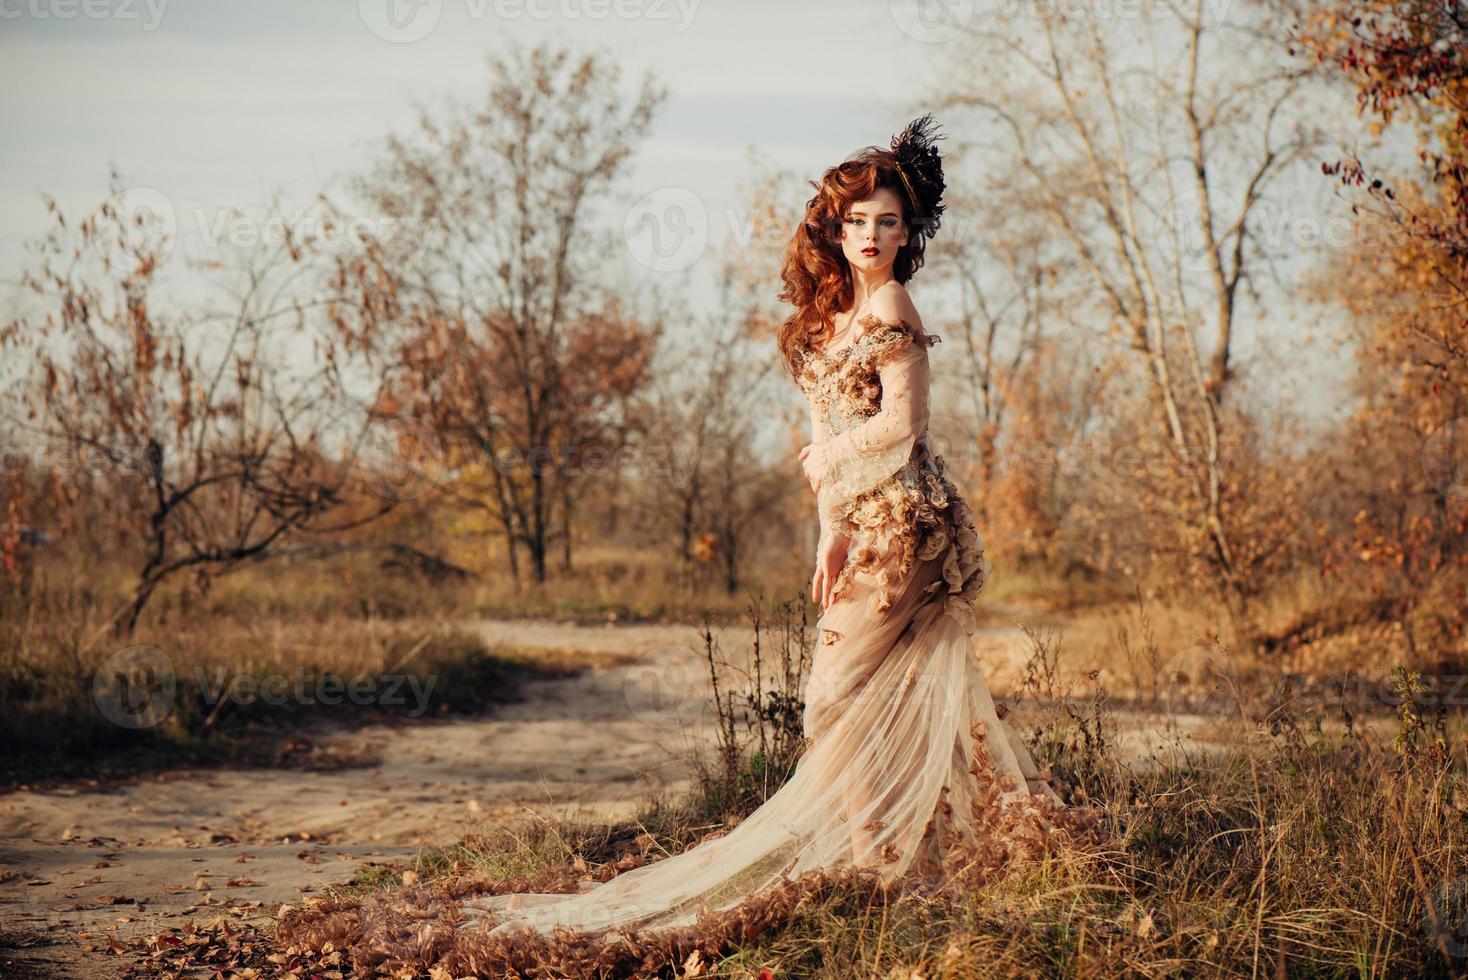 schoonheid herfst vrouw in jurk met bladeren foto